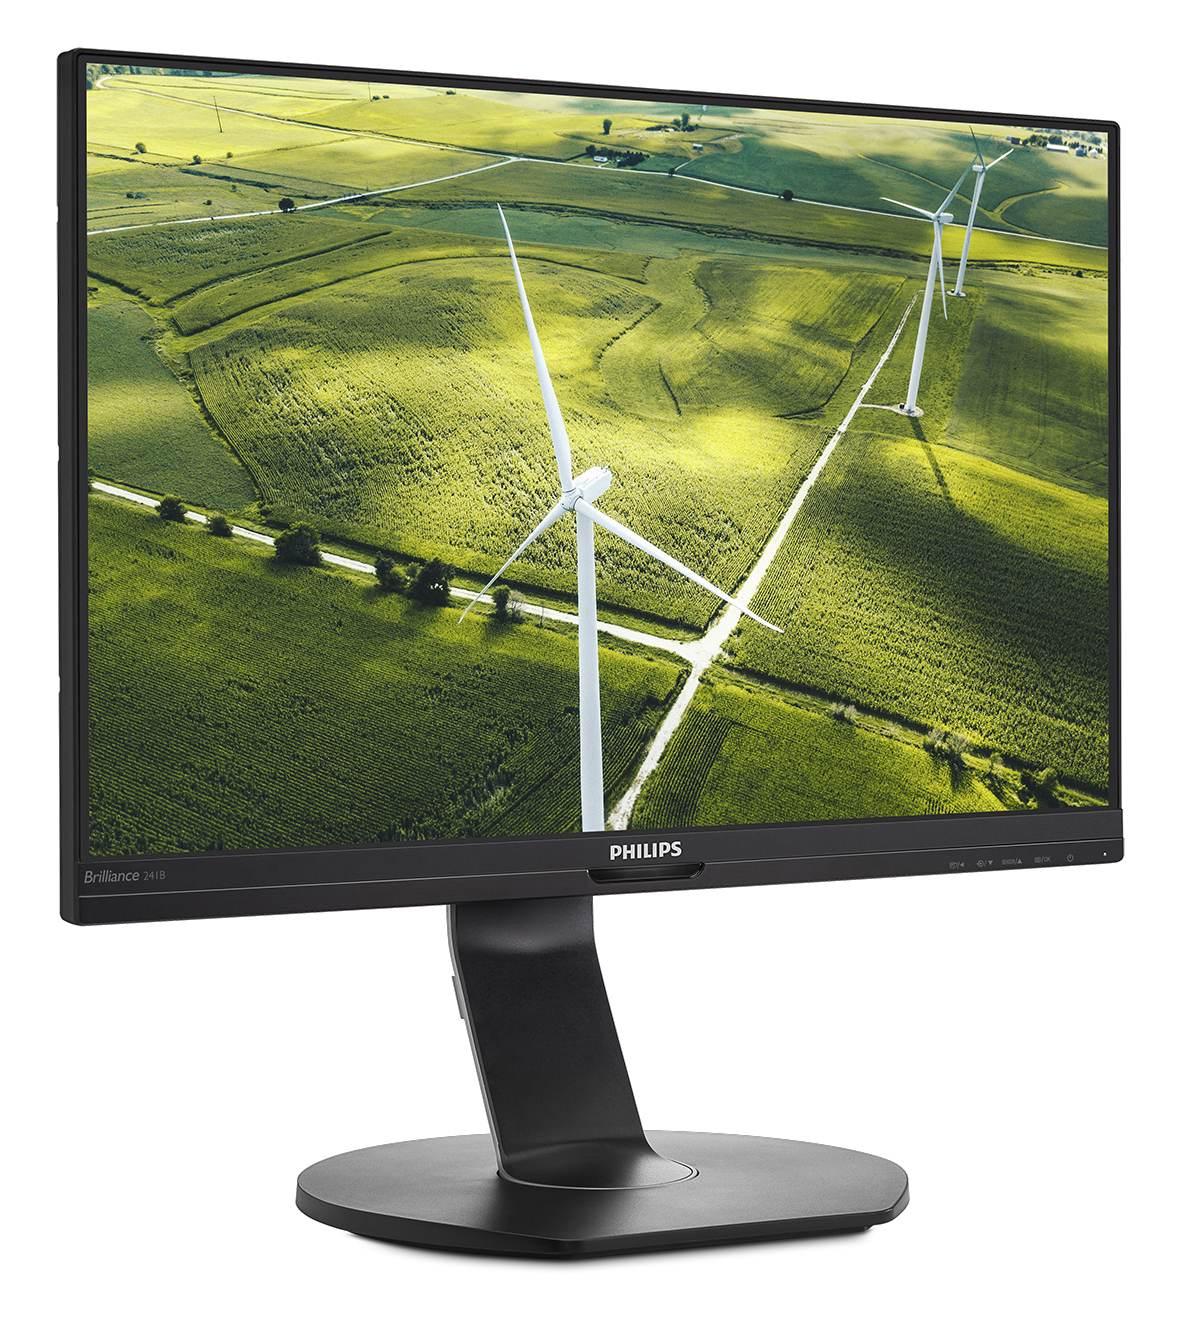 241B7QGJEB – dieses 61 cm (23,8 Zoll) große Full-HD-LCD-Modell bietet eine Vielzahl an Technologien wie Low-Power-Backlit zur Einstellung der Helligkeit und Reduktion des Verbrauchs, einen Powersensor, der die An- oder Abwesenheit des Anwenders über Infrarotsignale erkennt und die Helligkeit des Monitors entsprechend reduziert, sowie die Lightsensor-Technologie, die das Umgebungslicht erfasst und die Bildschirmhelligkeit automatisch anpasst. Abbildung: Philips